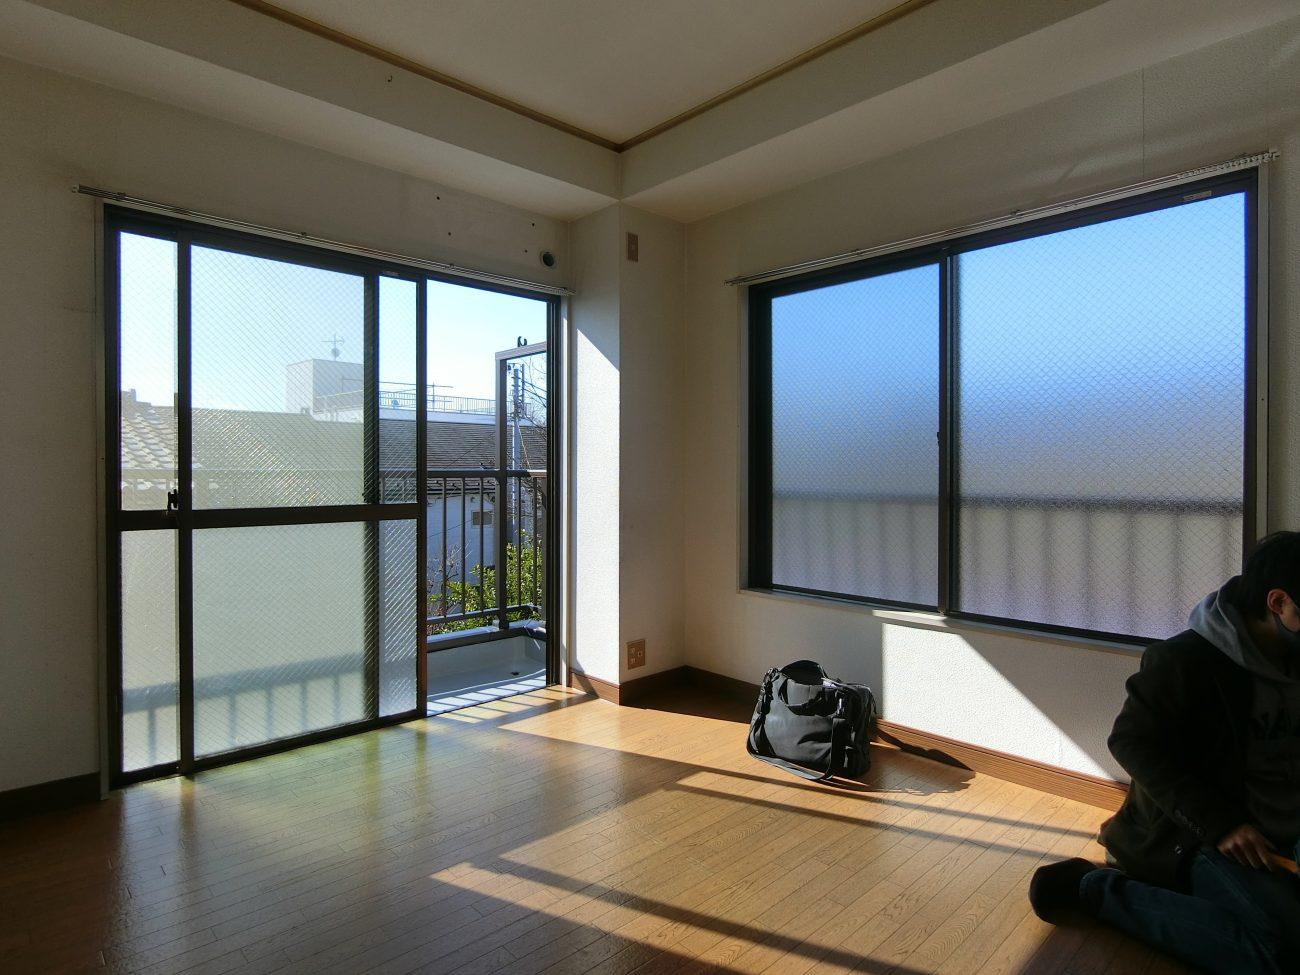 下総中山 築32年RC 25m2ワンルームをナチュラルリノベ、賃料5千円UPの画像